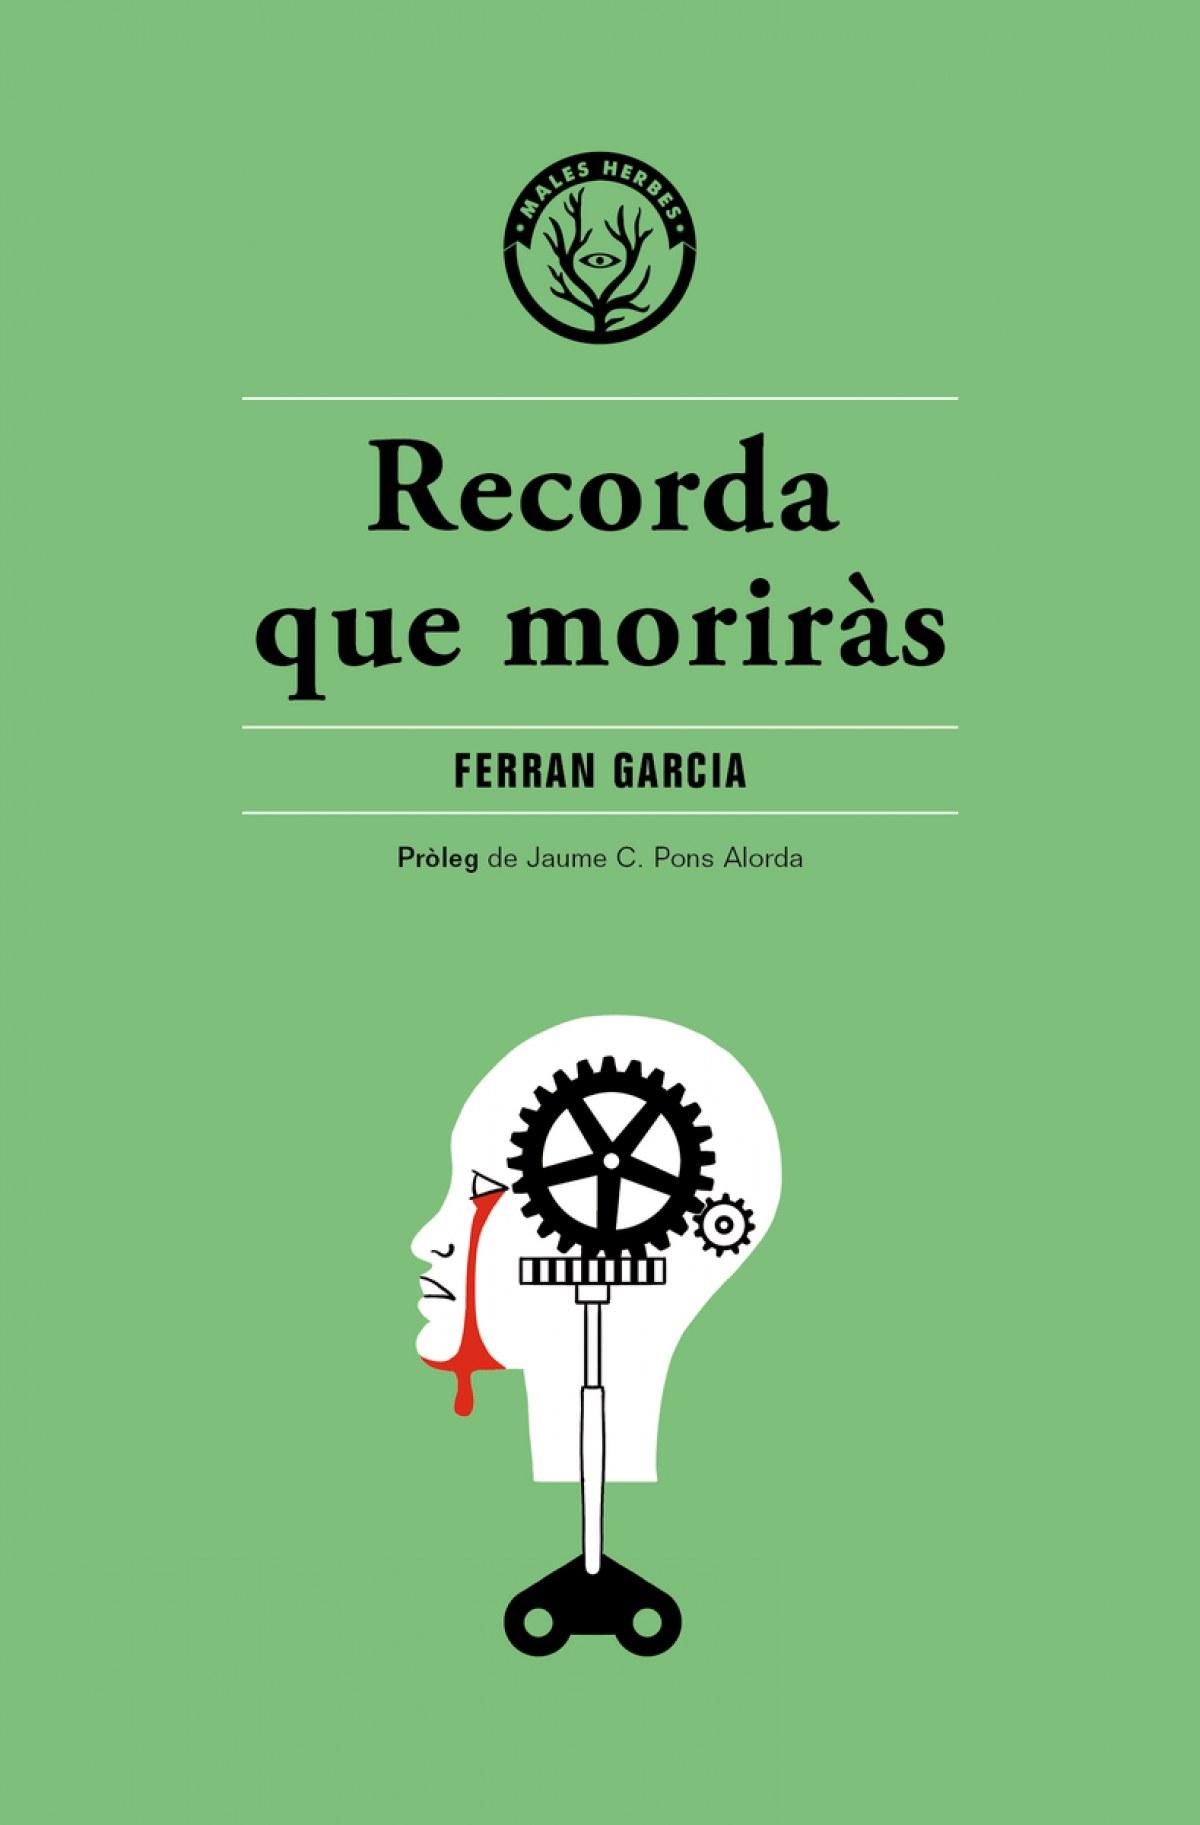 RECORDA QUE MORIRÁS